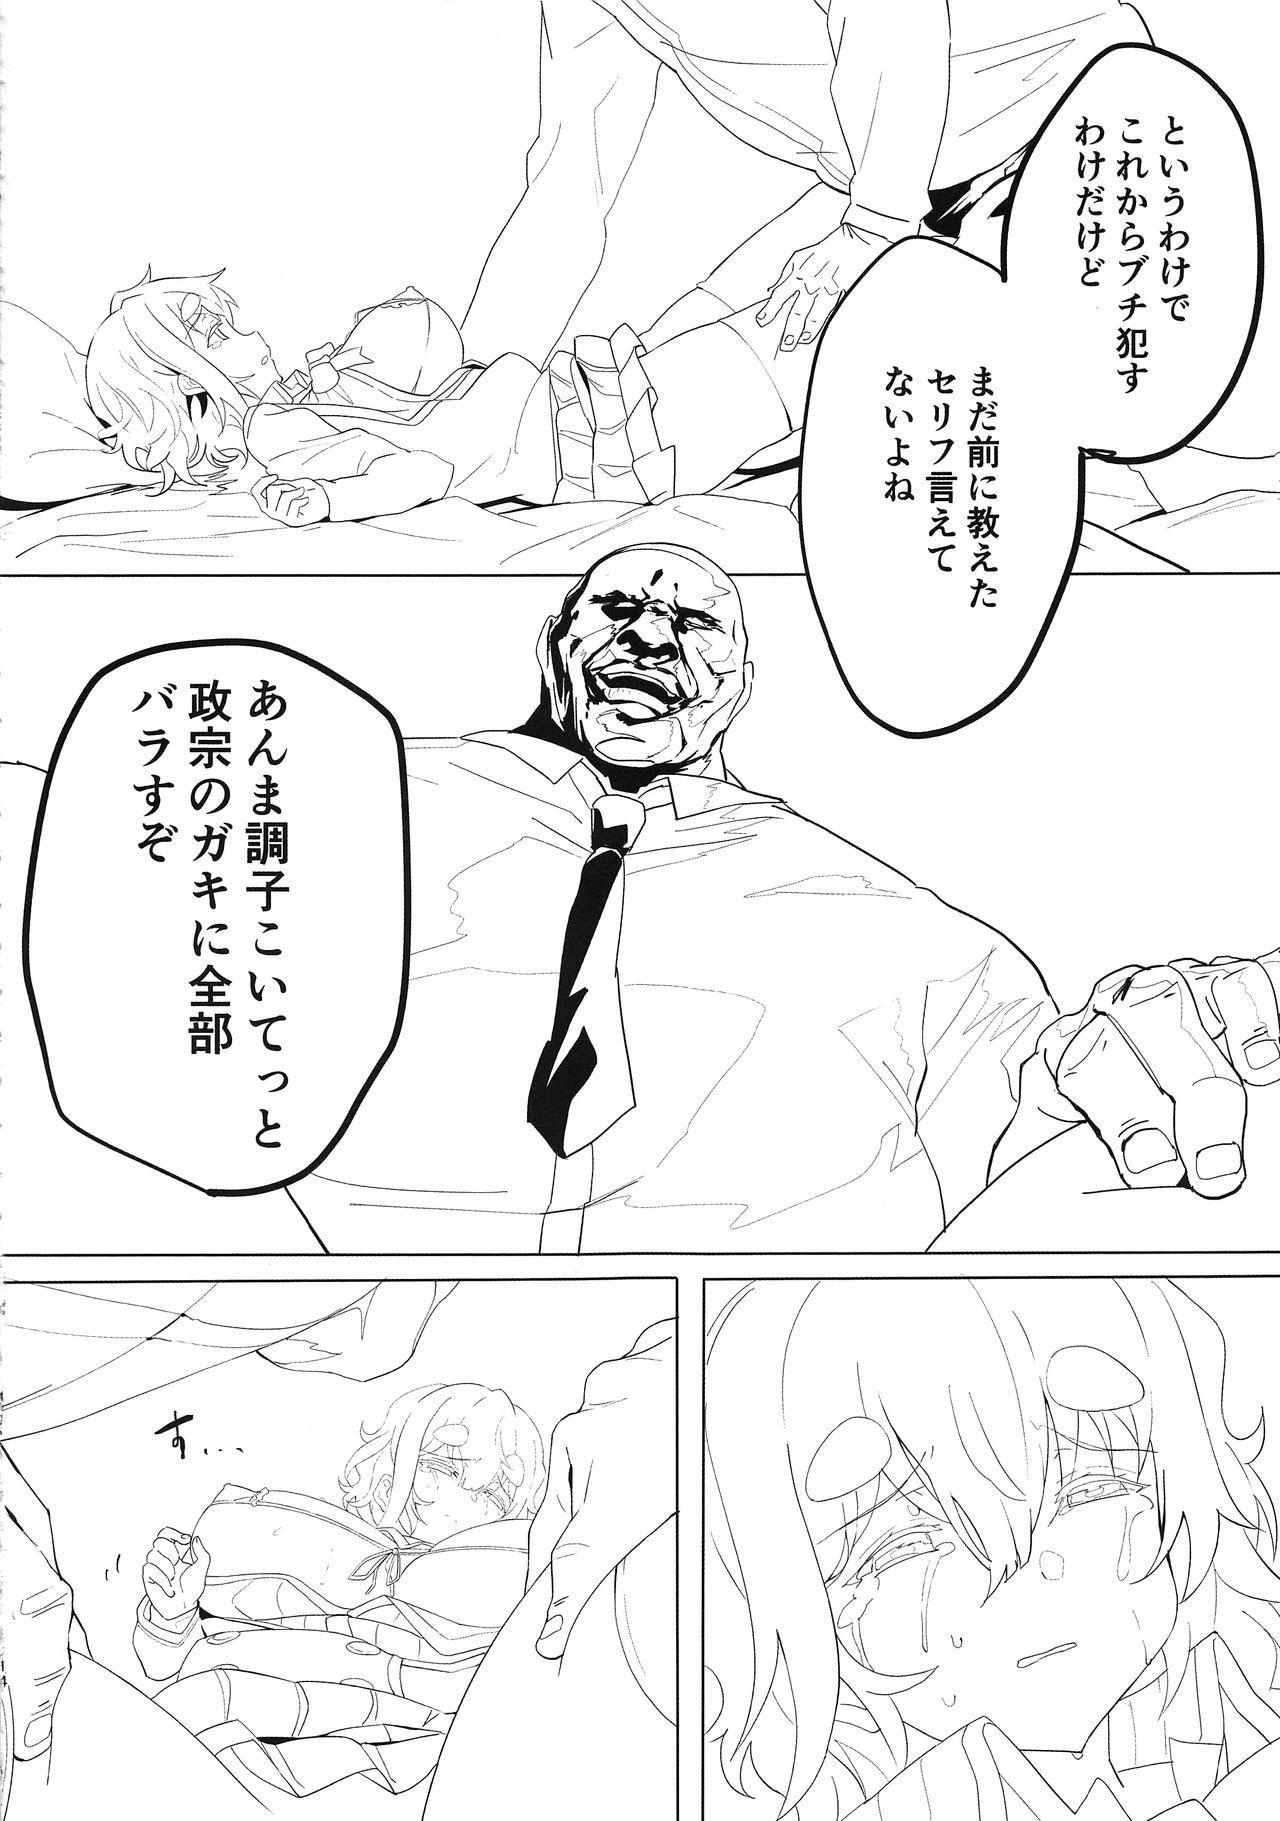 Koiwai Shishou ni Hidoi Koto suru Hon 13